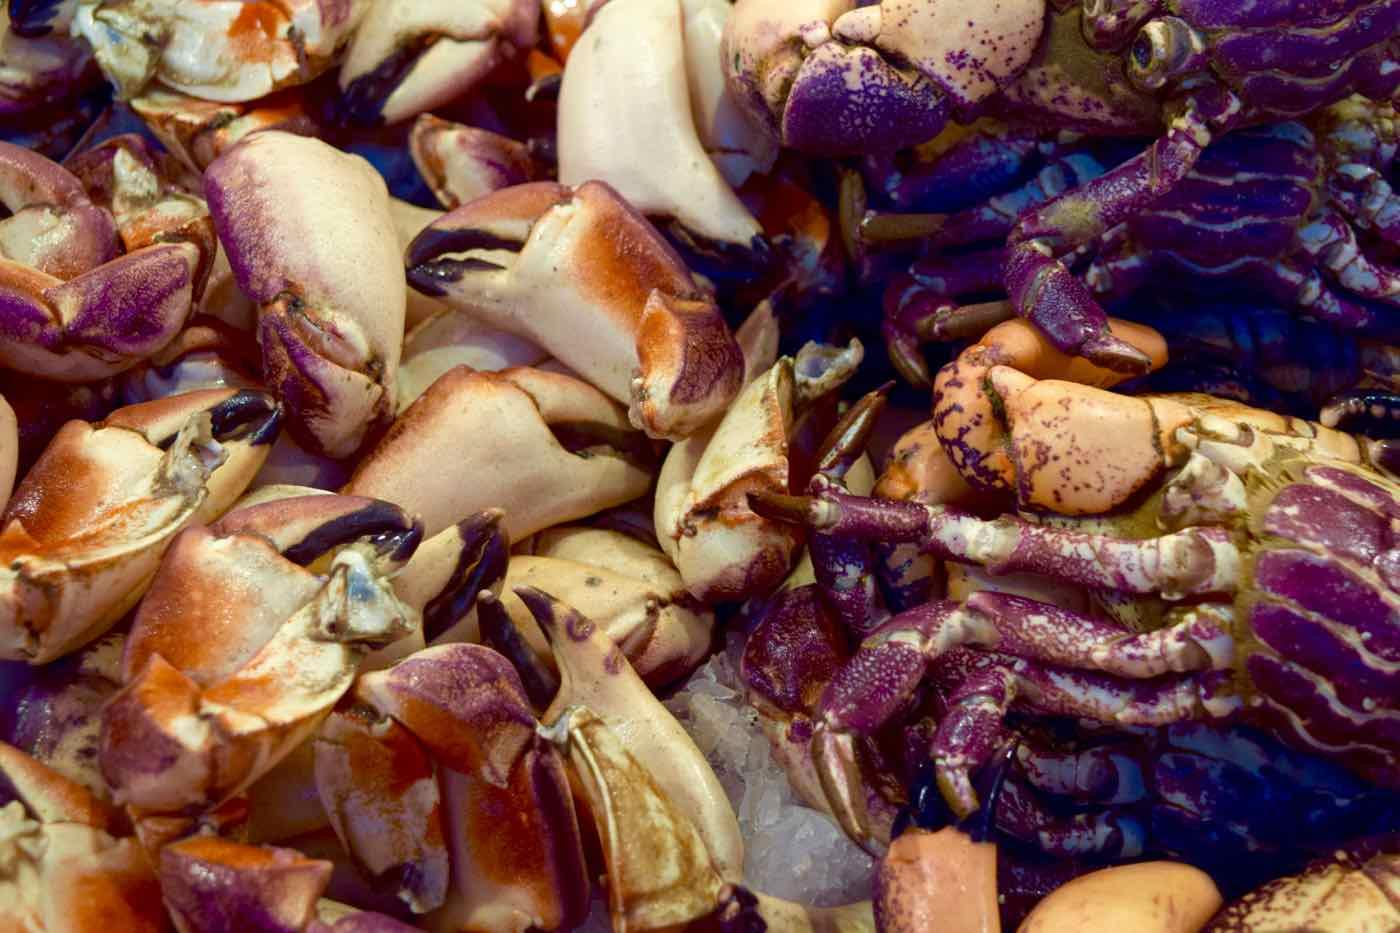 Seafood in Mercado Central, Santiago, Chile